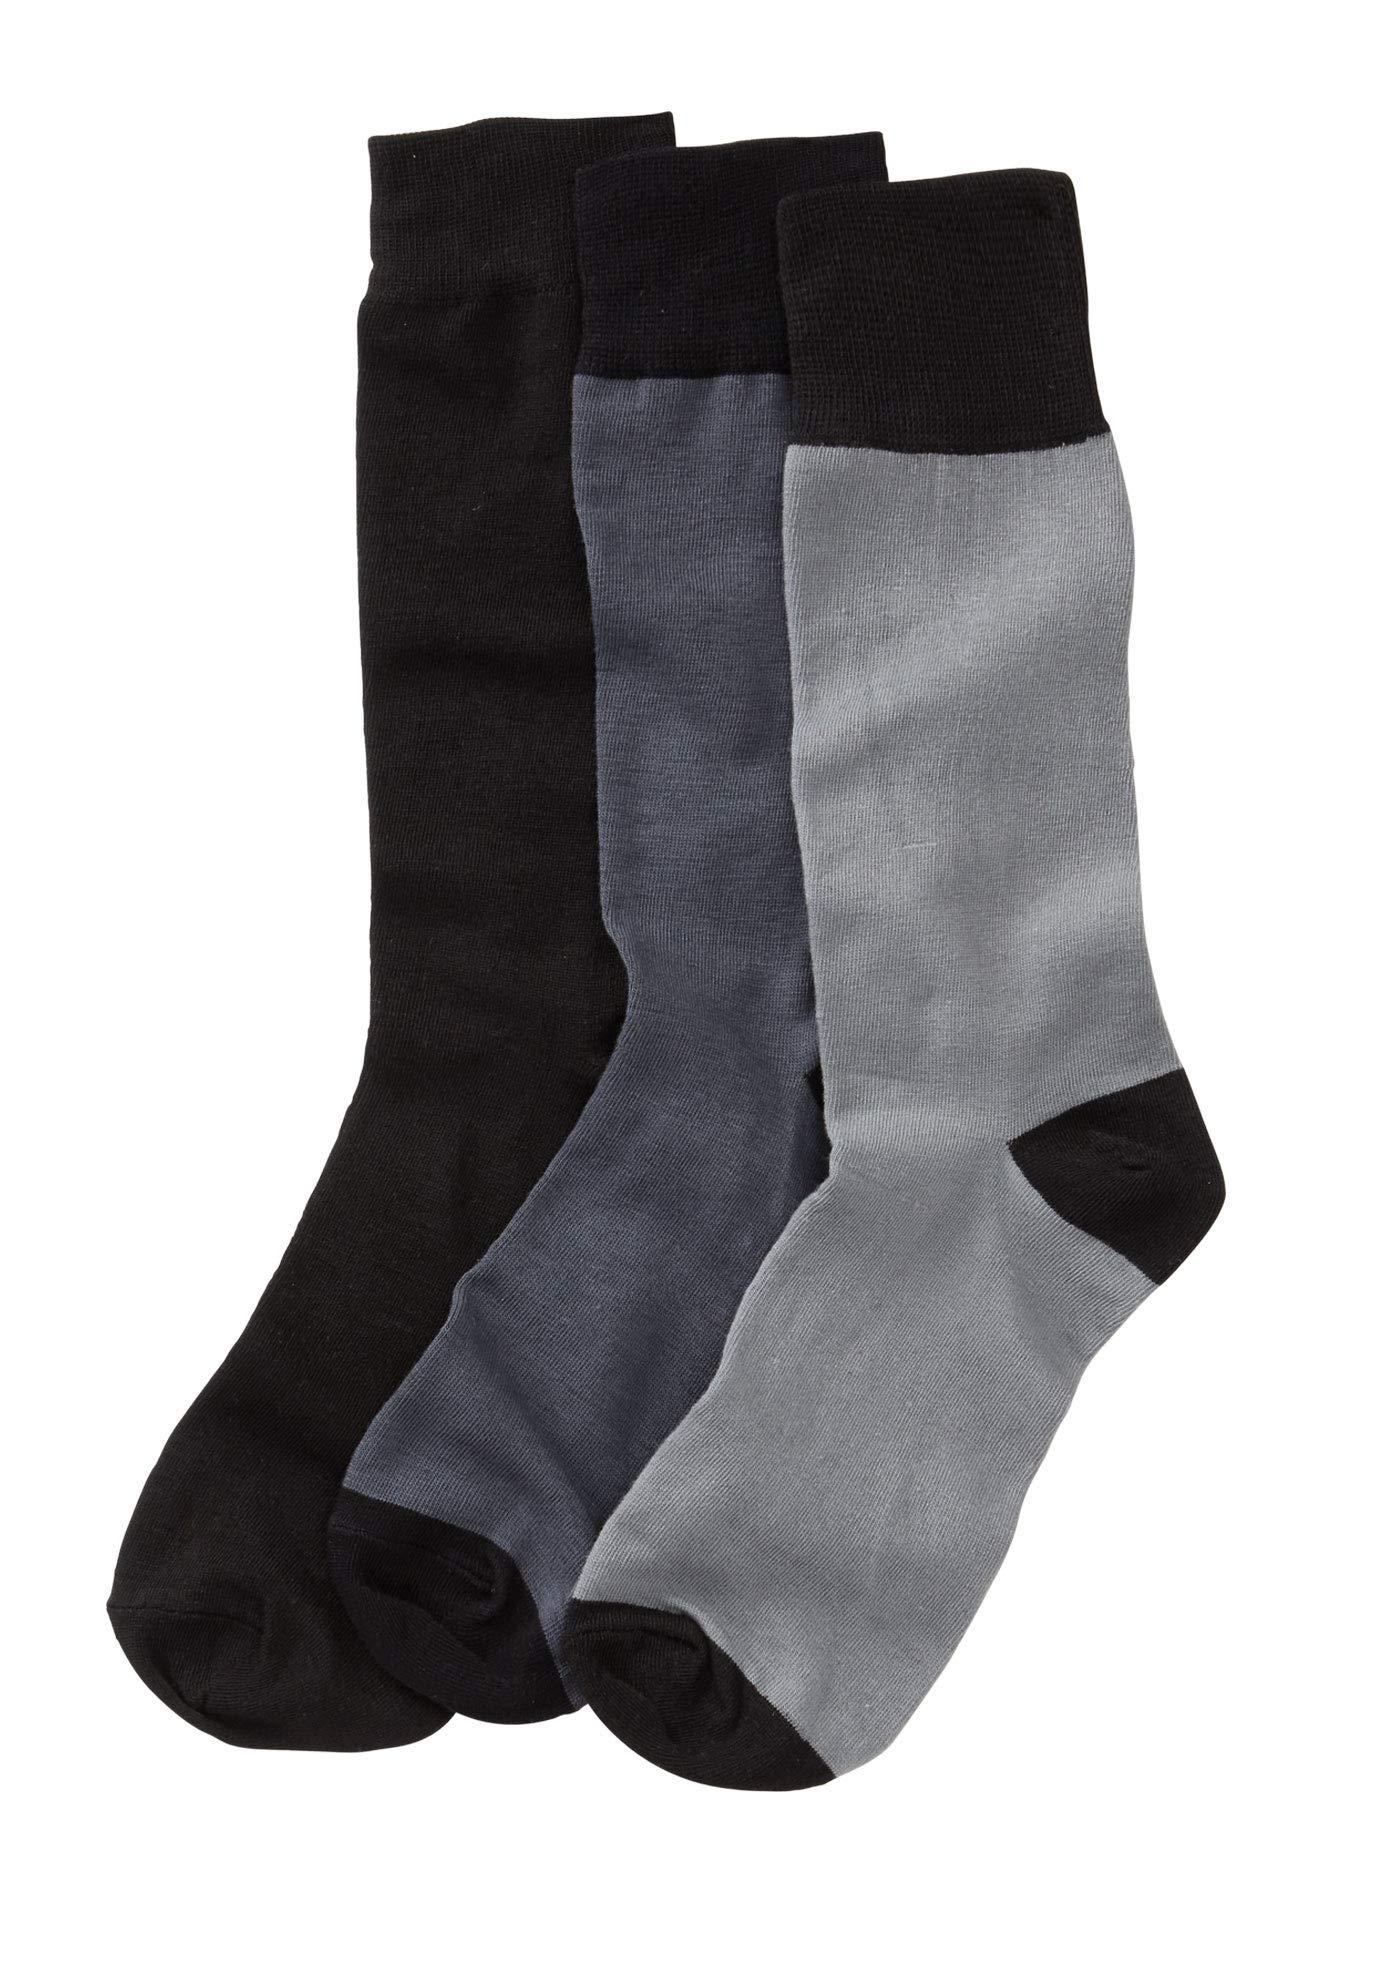 Kingsize Men's Big & Tall Contrast Dress Socks 3-Pack, Black Grey Big-L